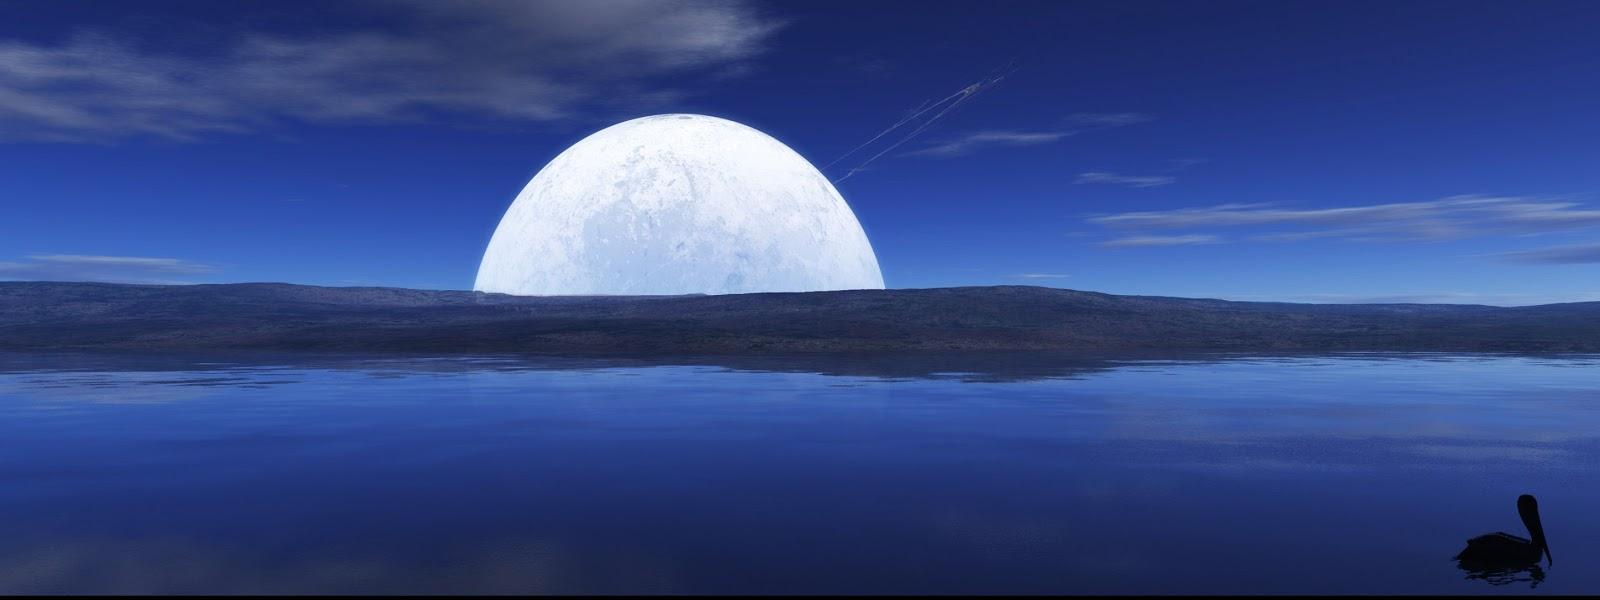 Bienvenidos al nuevo foro de apoyo a Noe #256 / 15.05.15 ~ 18.05.15 - Página 38 Como+nace+la+luna